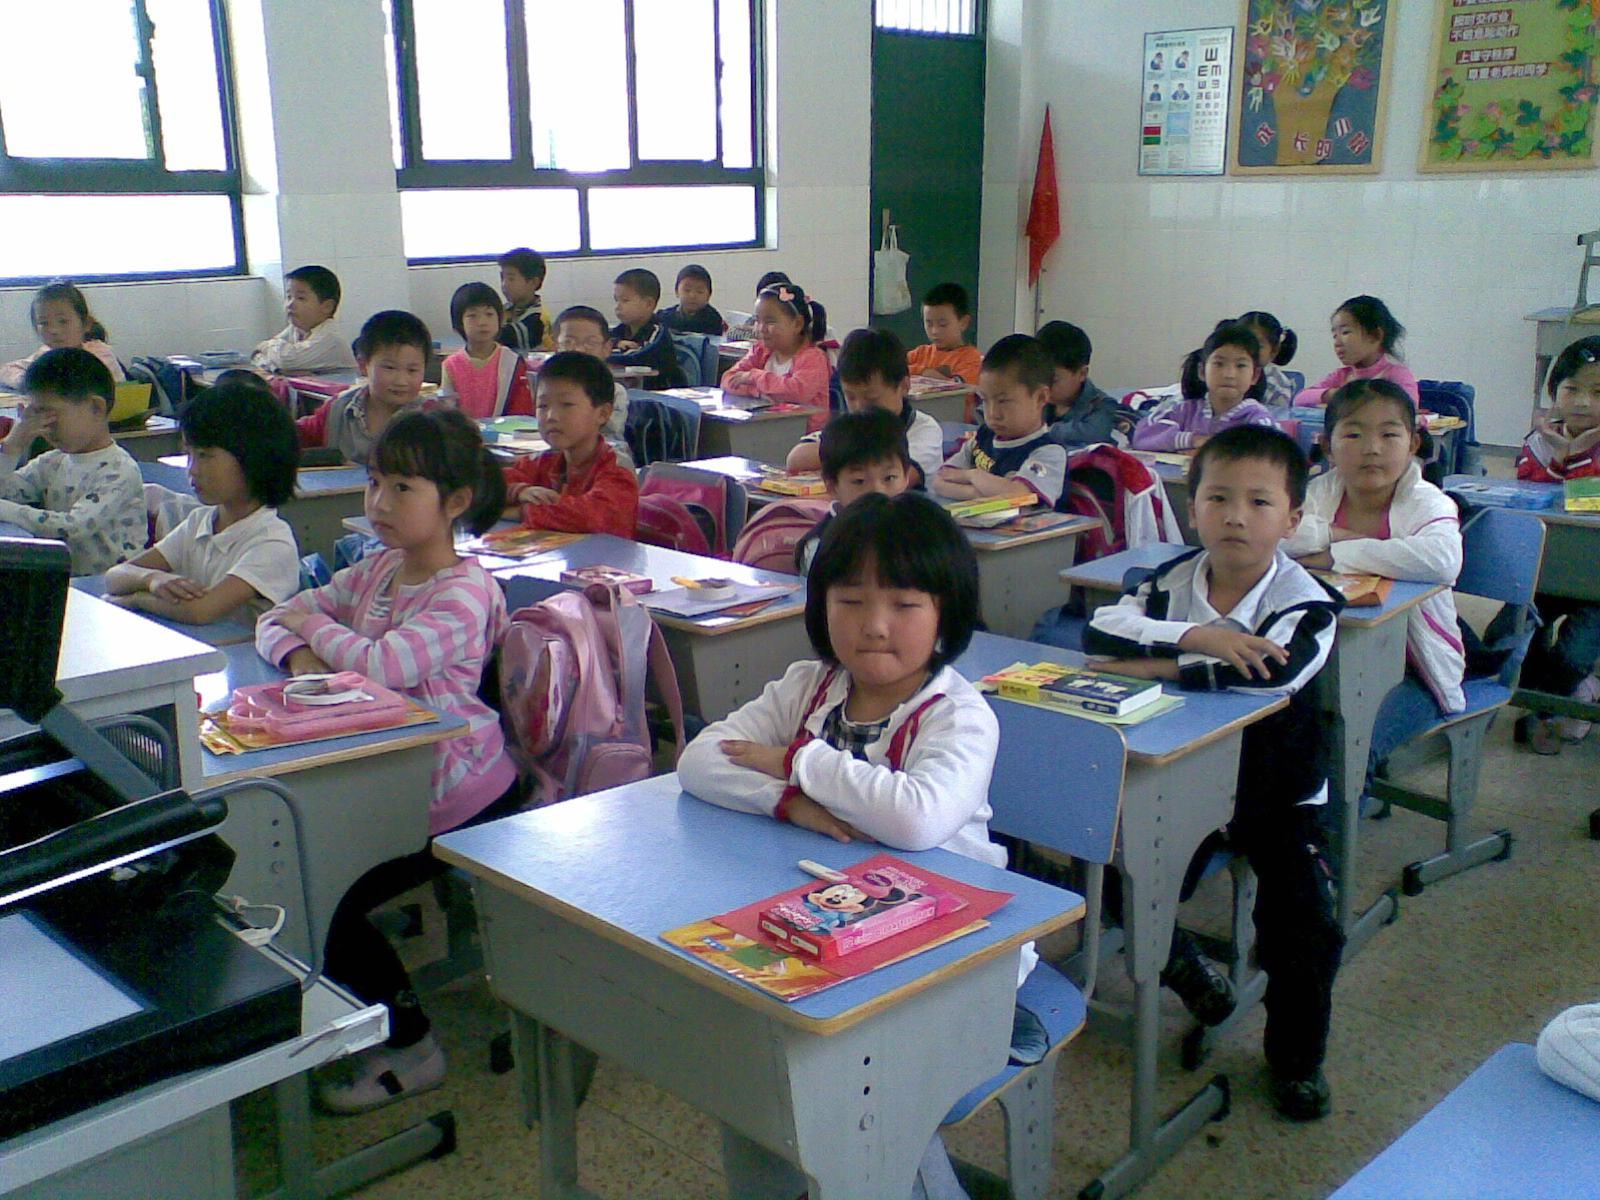 杨浦对口入学排序细则根据户口性质等制定